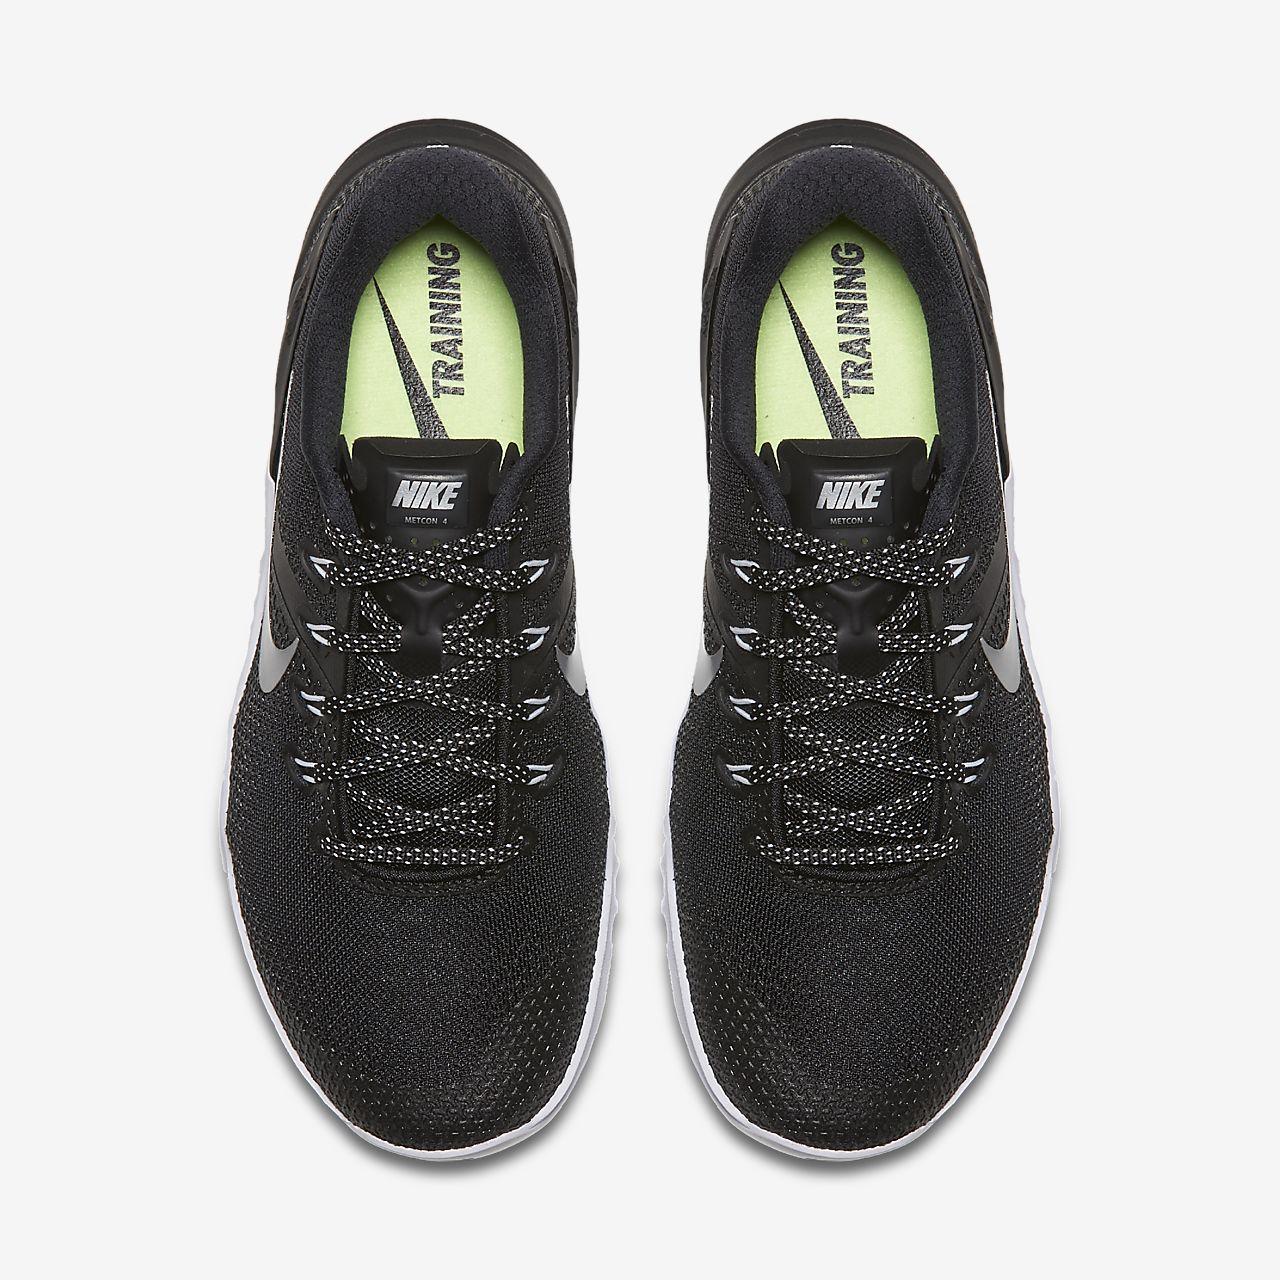 online store 43d41 469a2 ... Chaussure de cross-training et de renforcement musculaire Nike Metcon 4  pour Femme